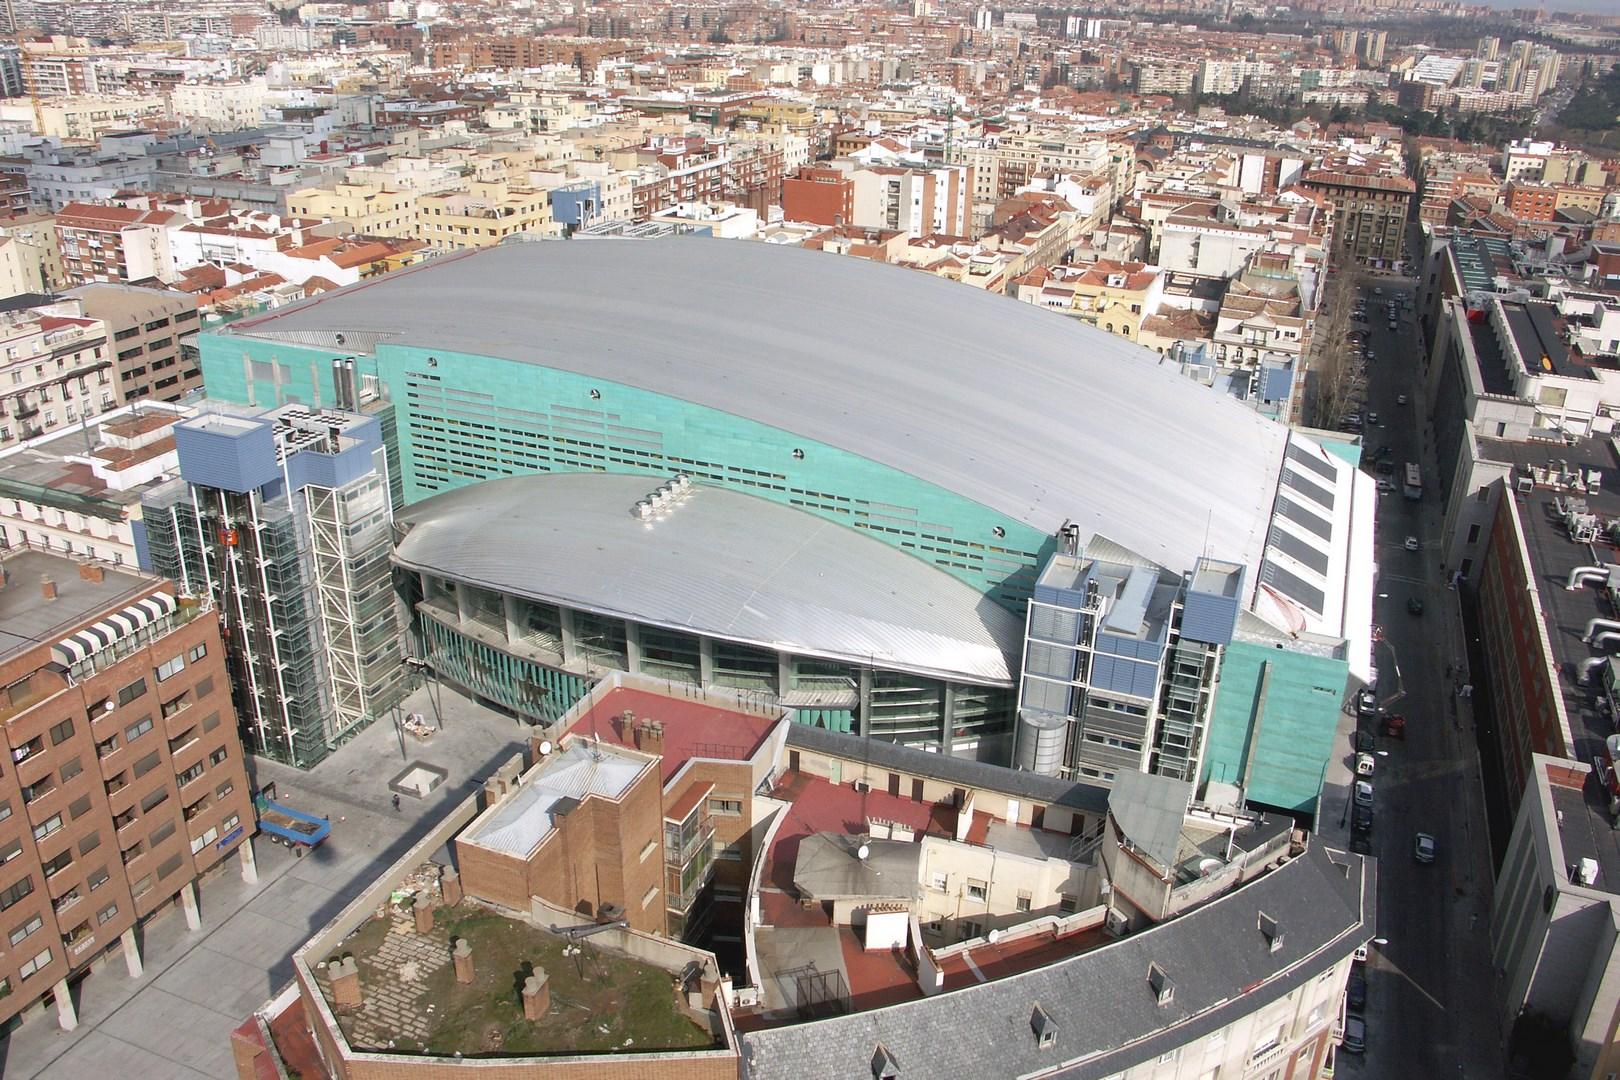 Palacio de Deportes in the Regional Community of Madrid